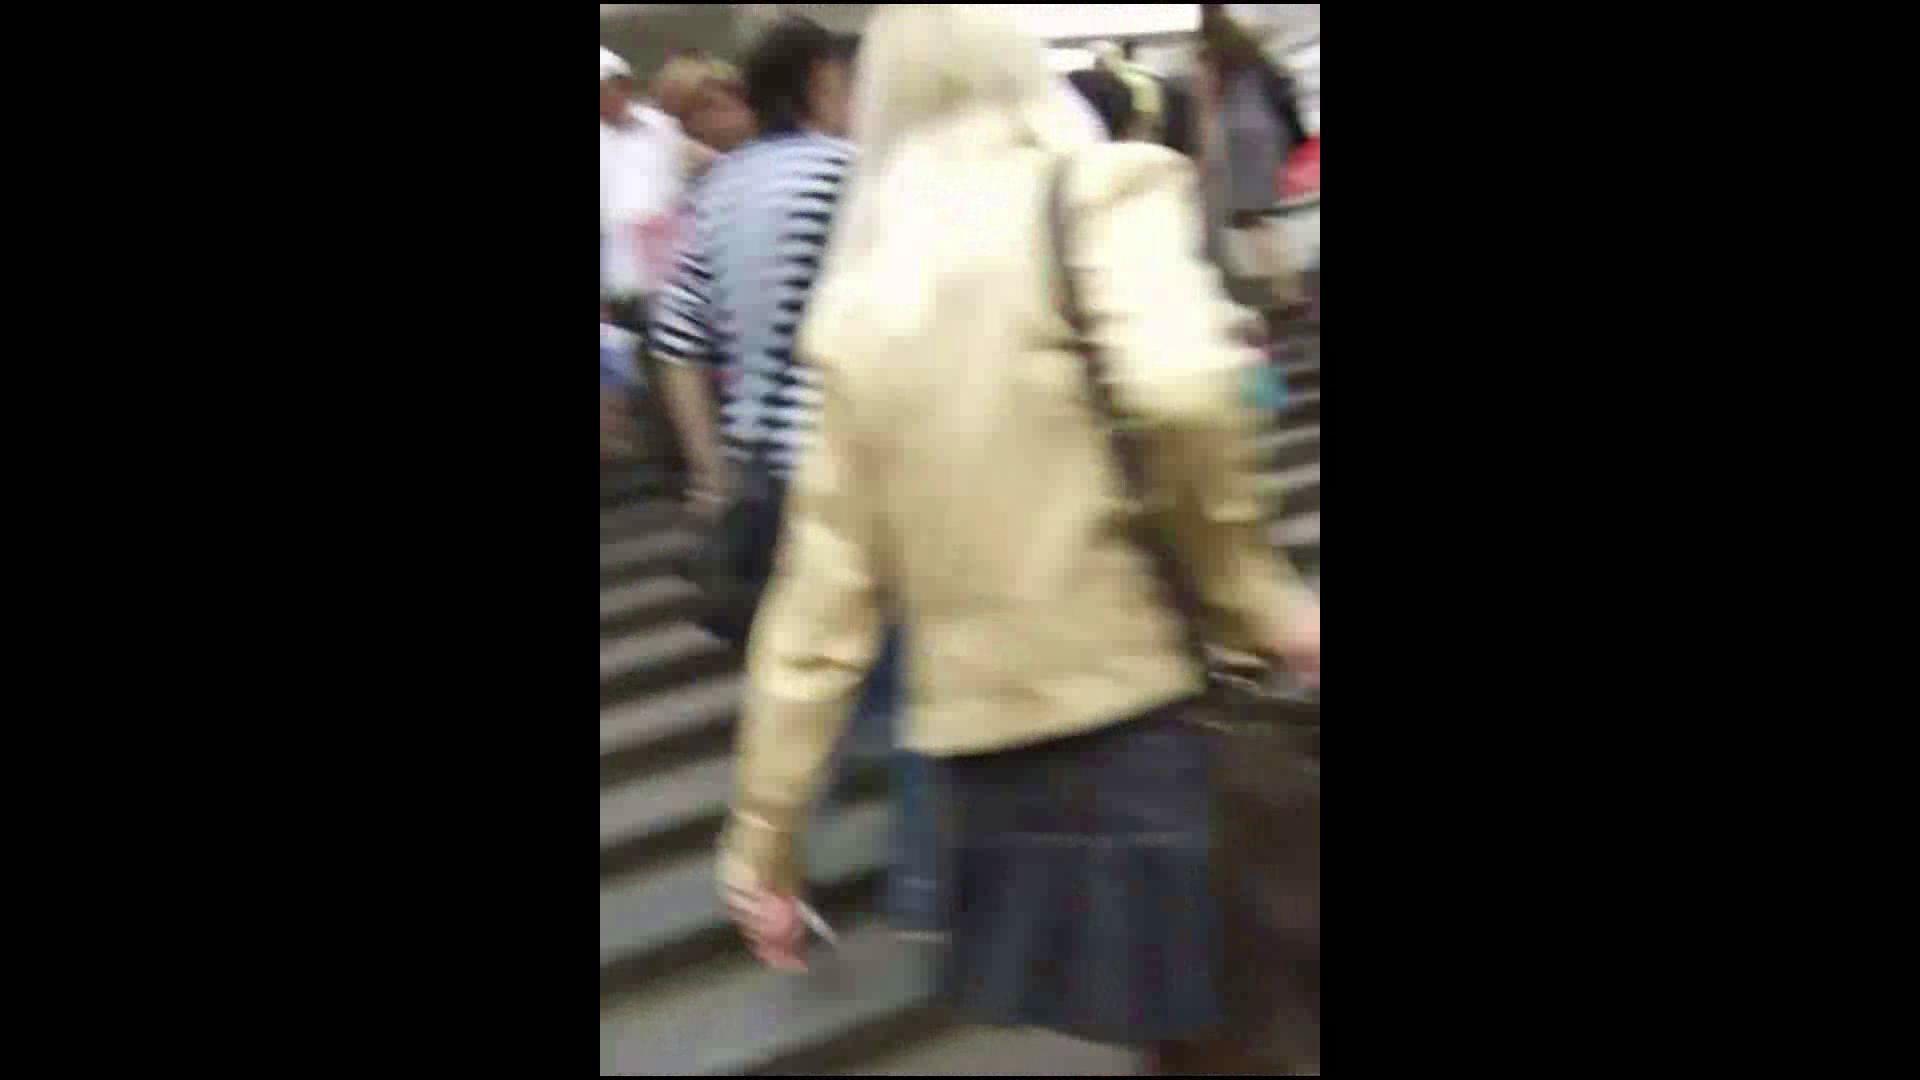 綺麗なモデルさんのスカート捲っちゃおう‼vol06 モデル おまんこ動画流出 103pic 8